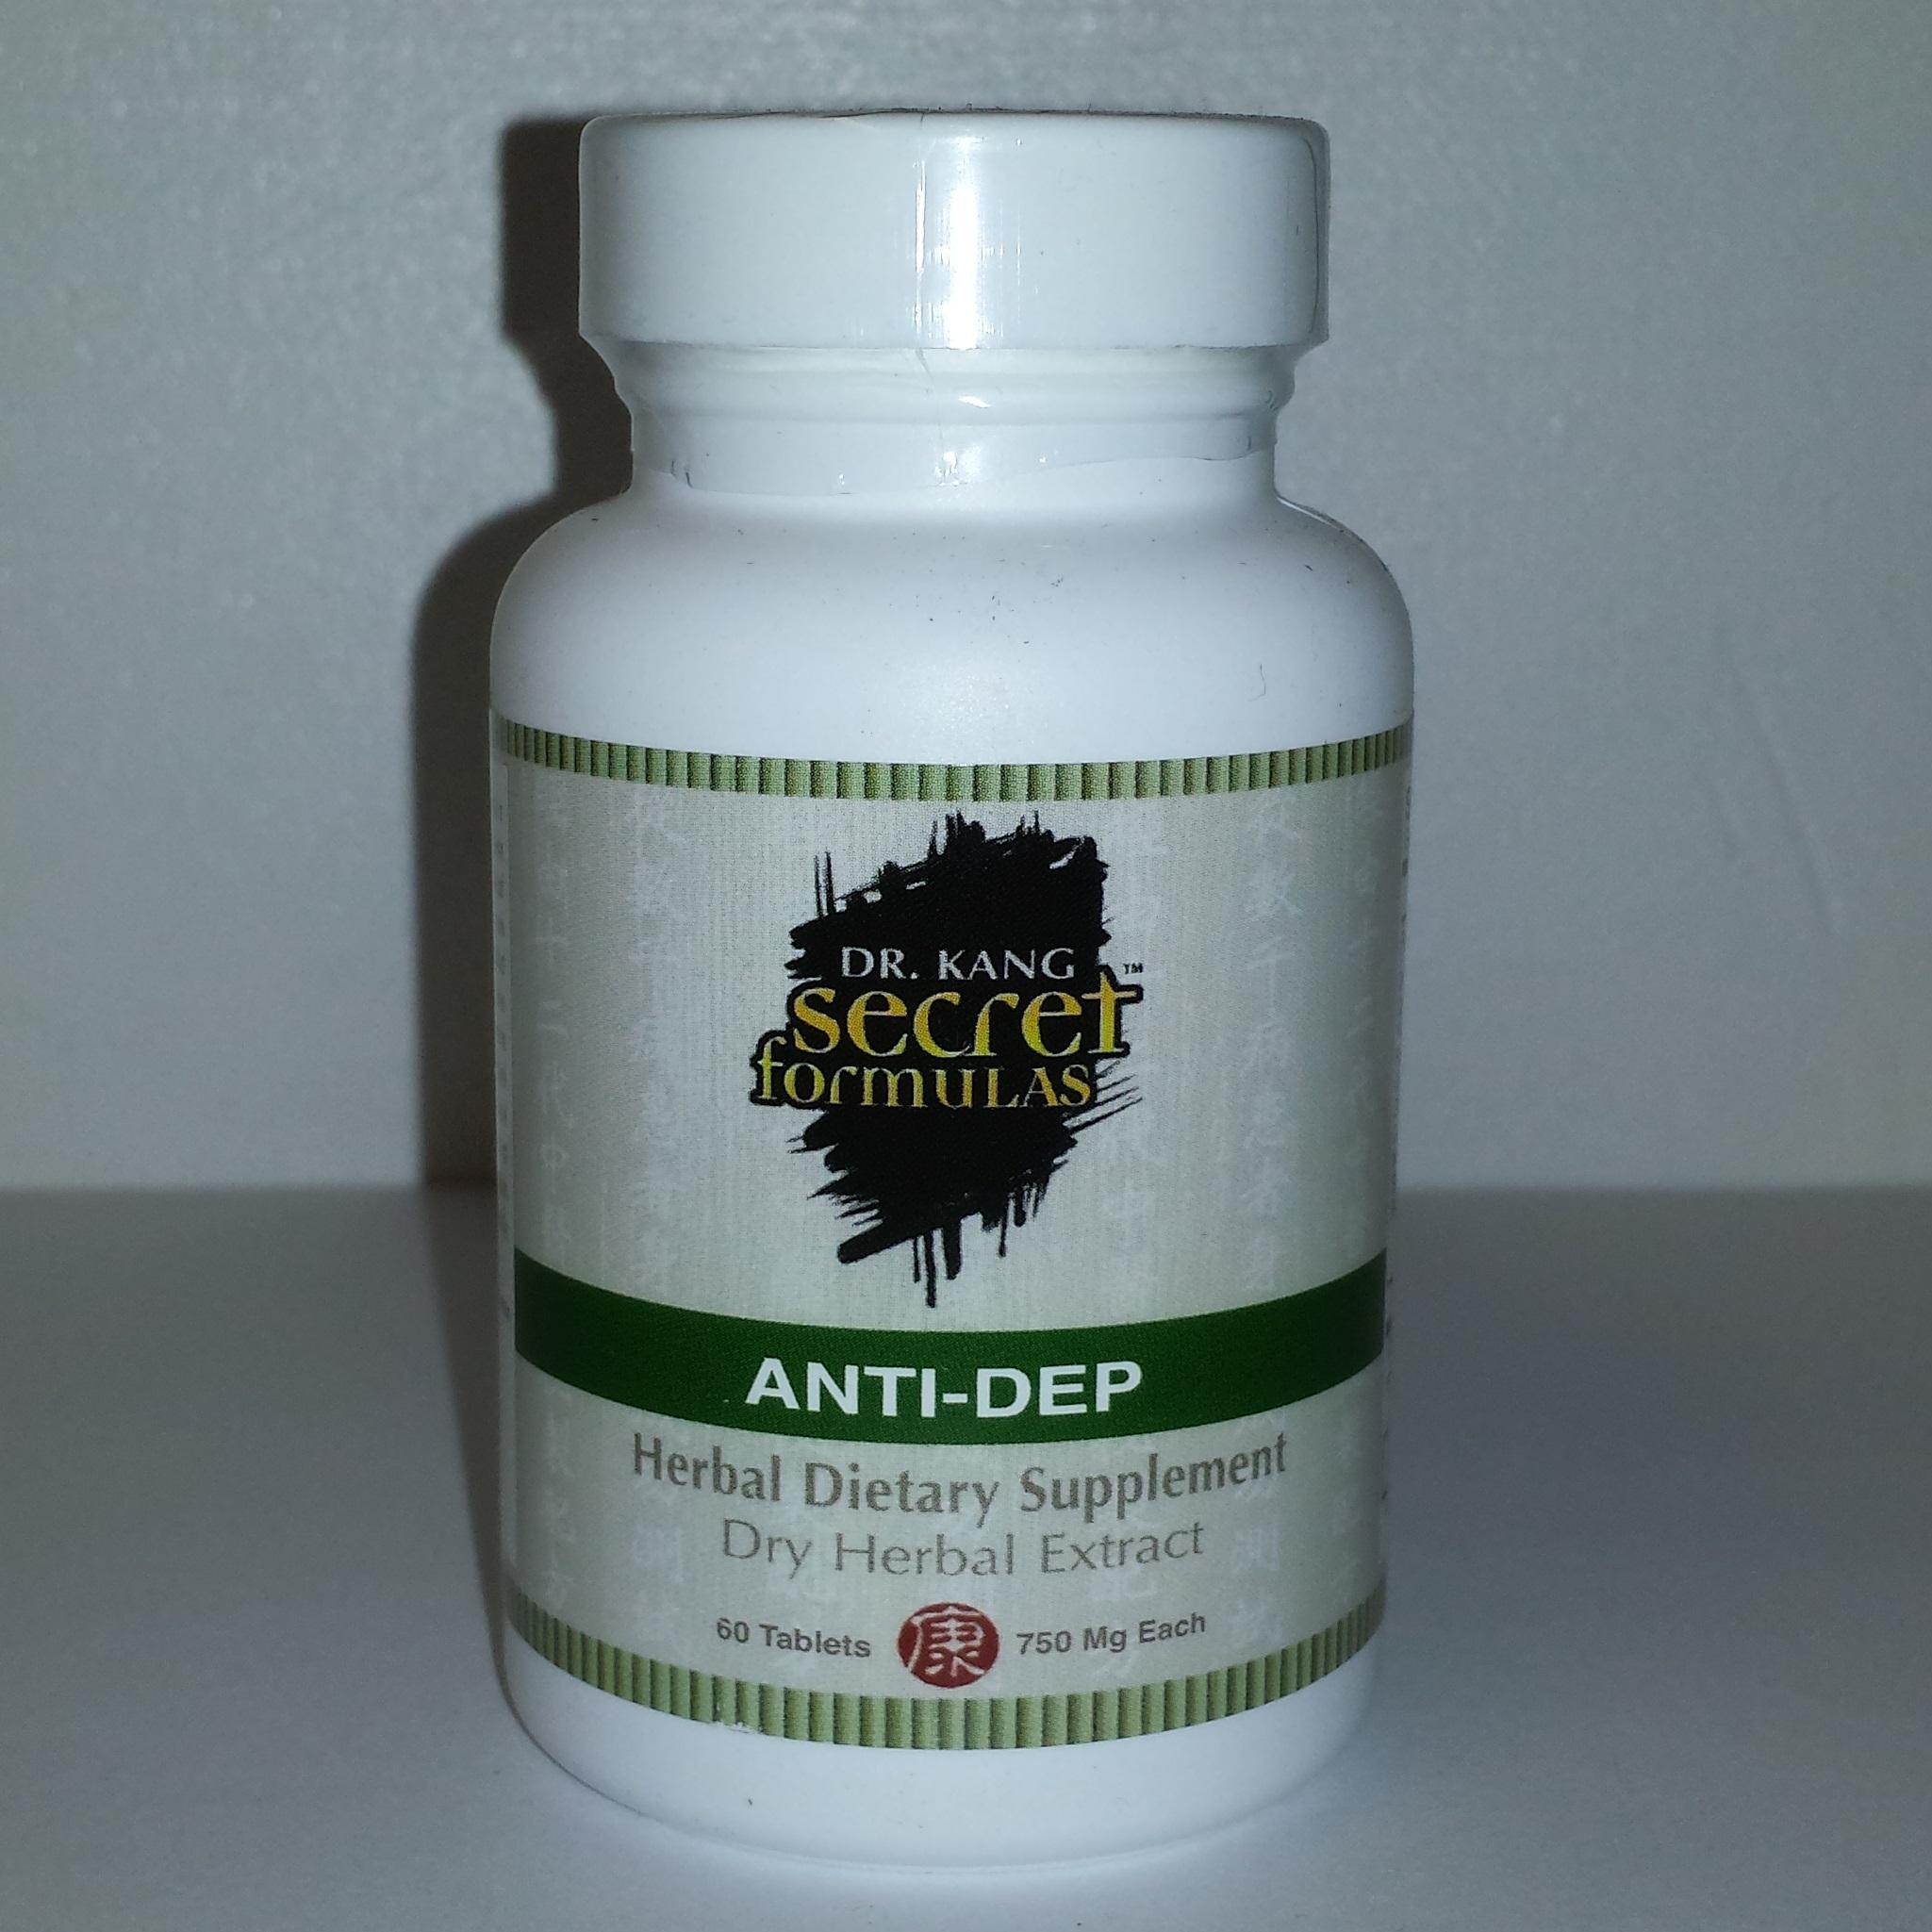 17-AntiDep - Product Image